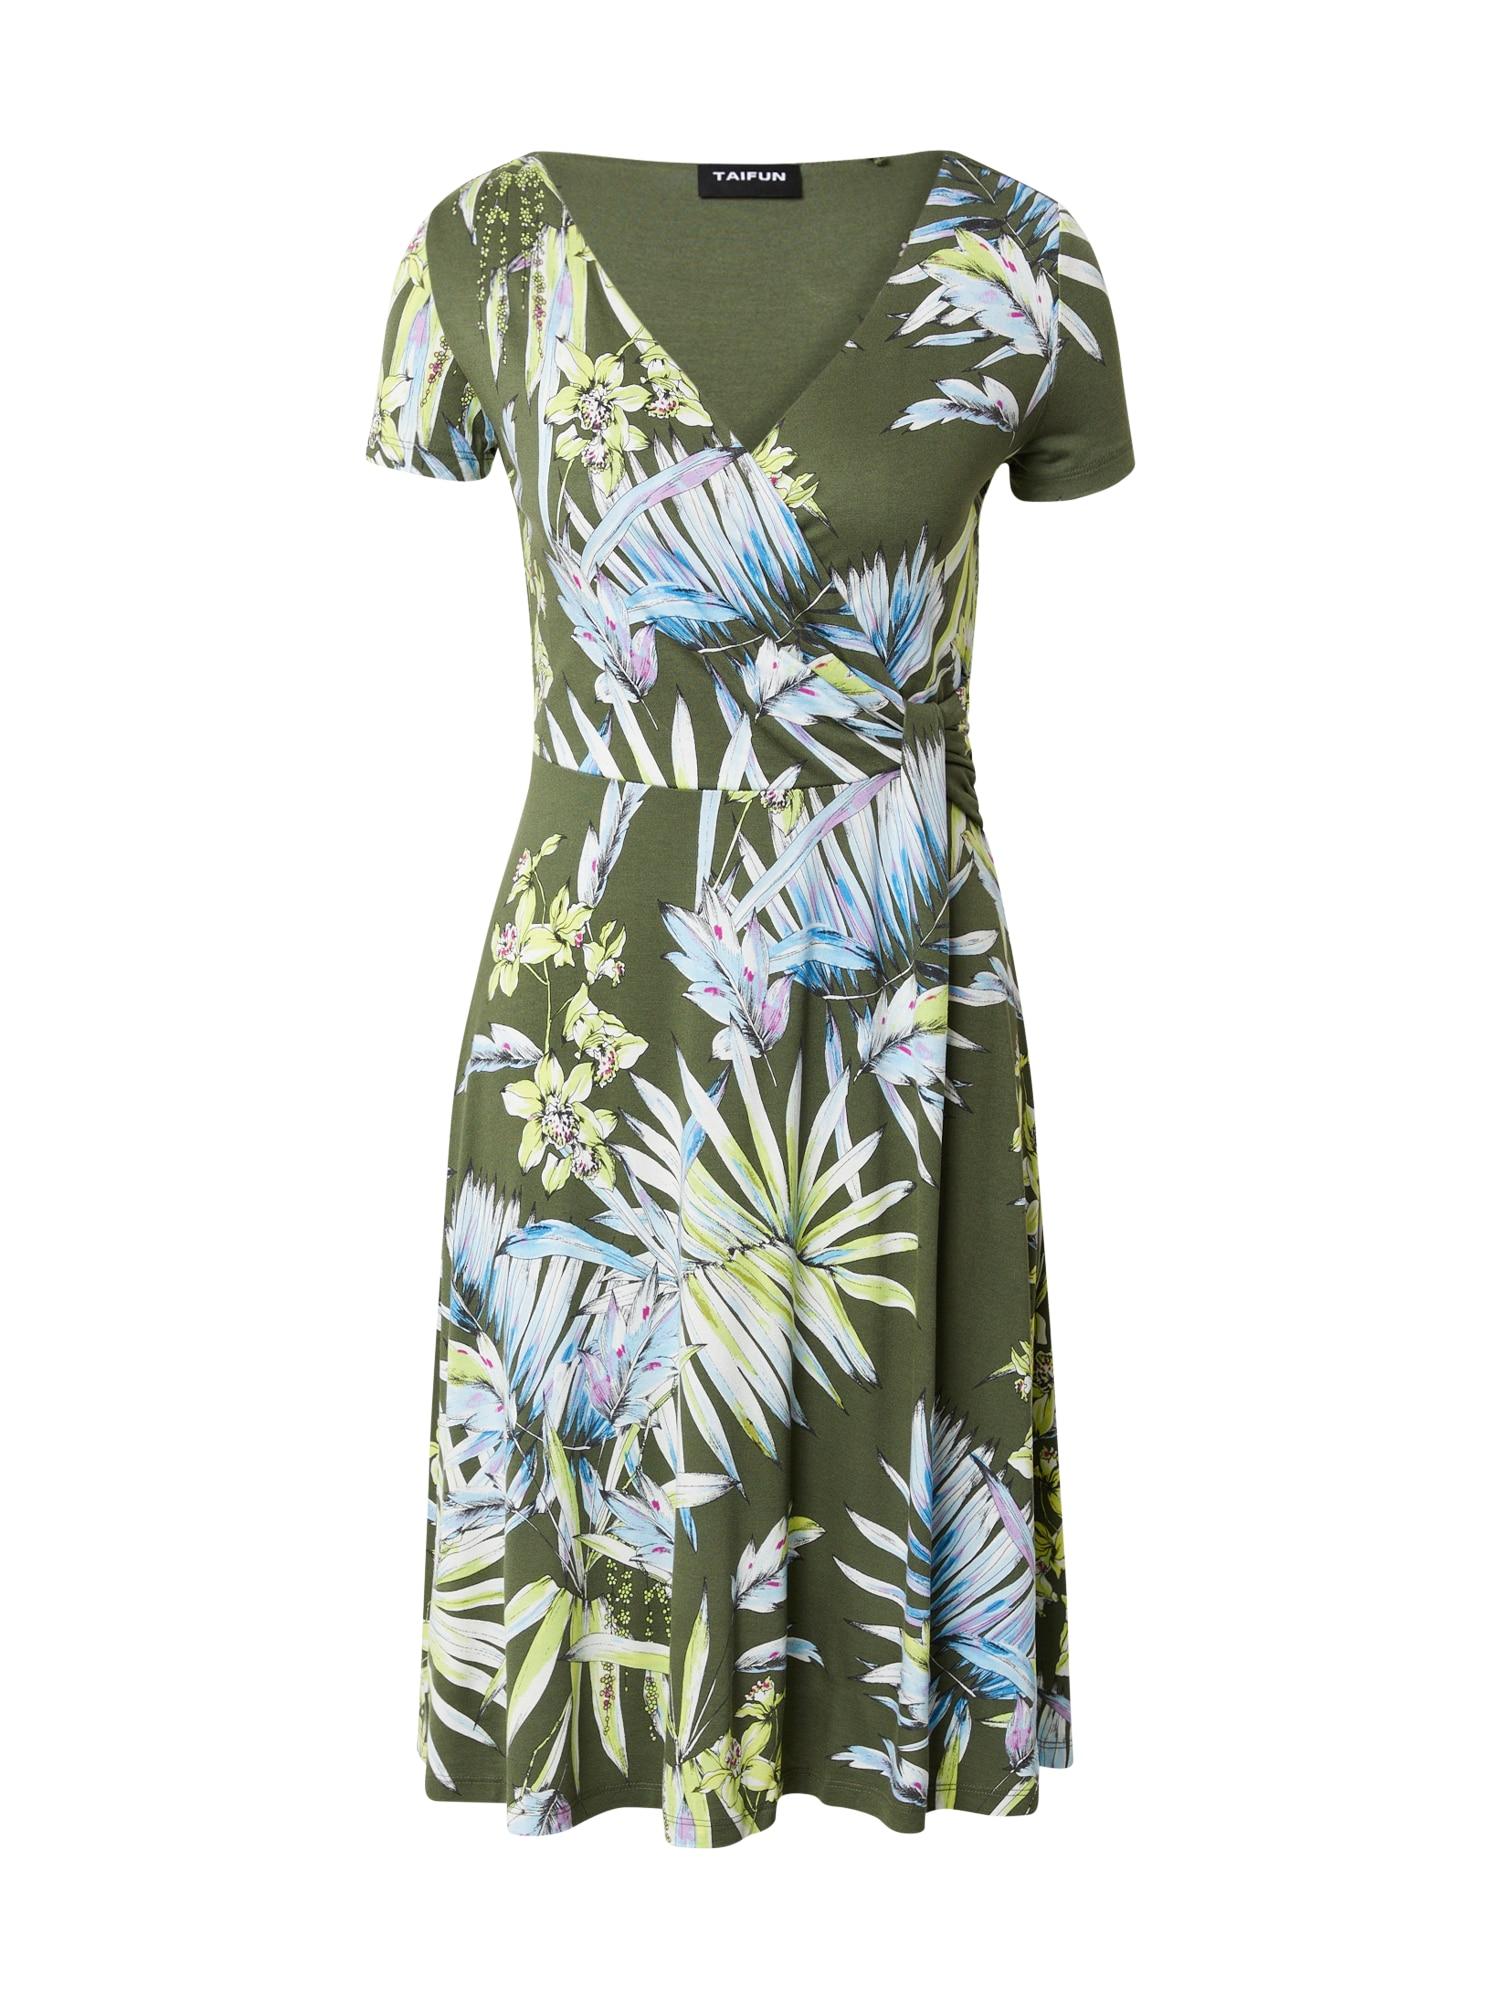 TAIFUN Suknelė žalia / mišrios spalvos